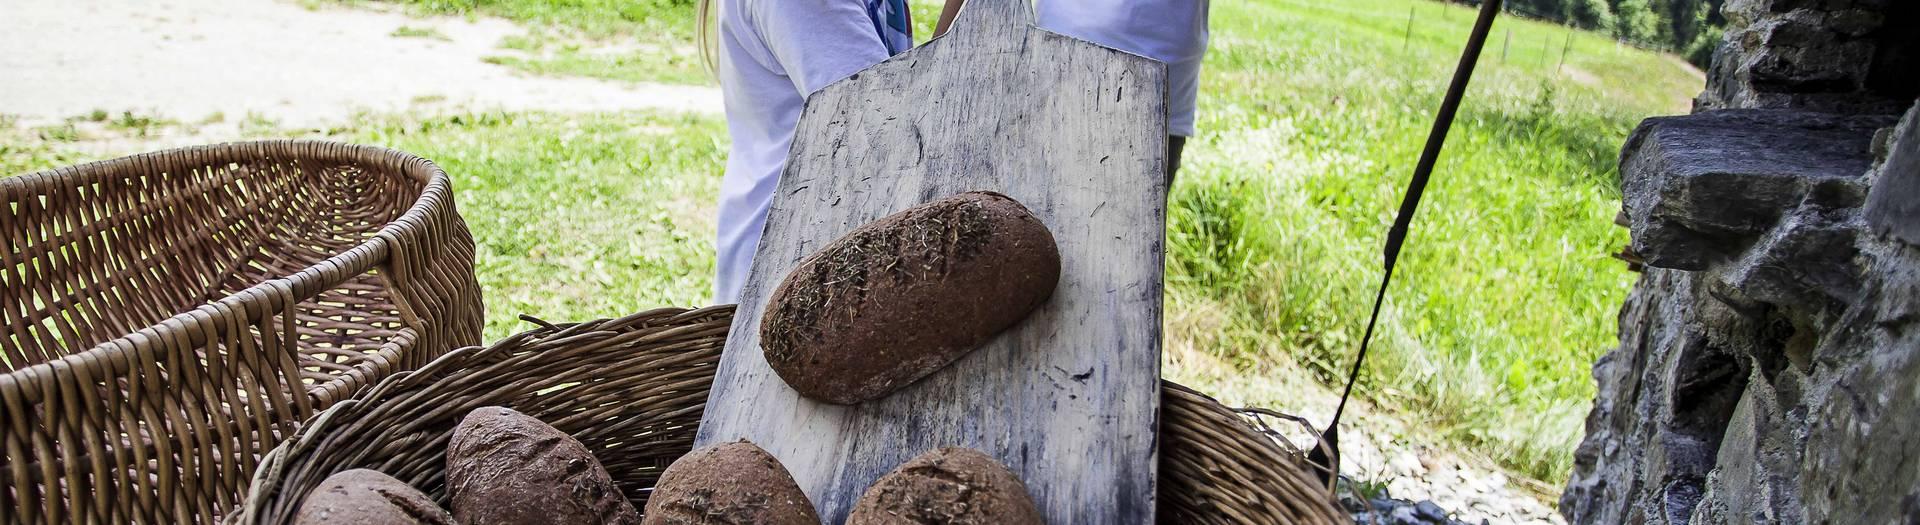 Brot backen im Lesachtal